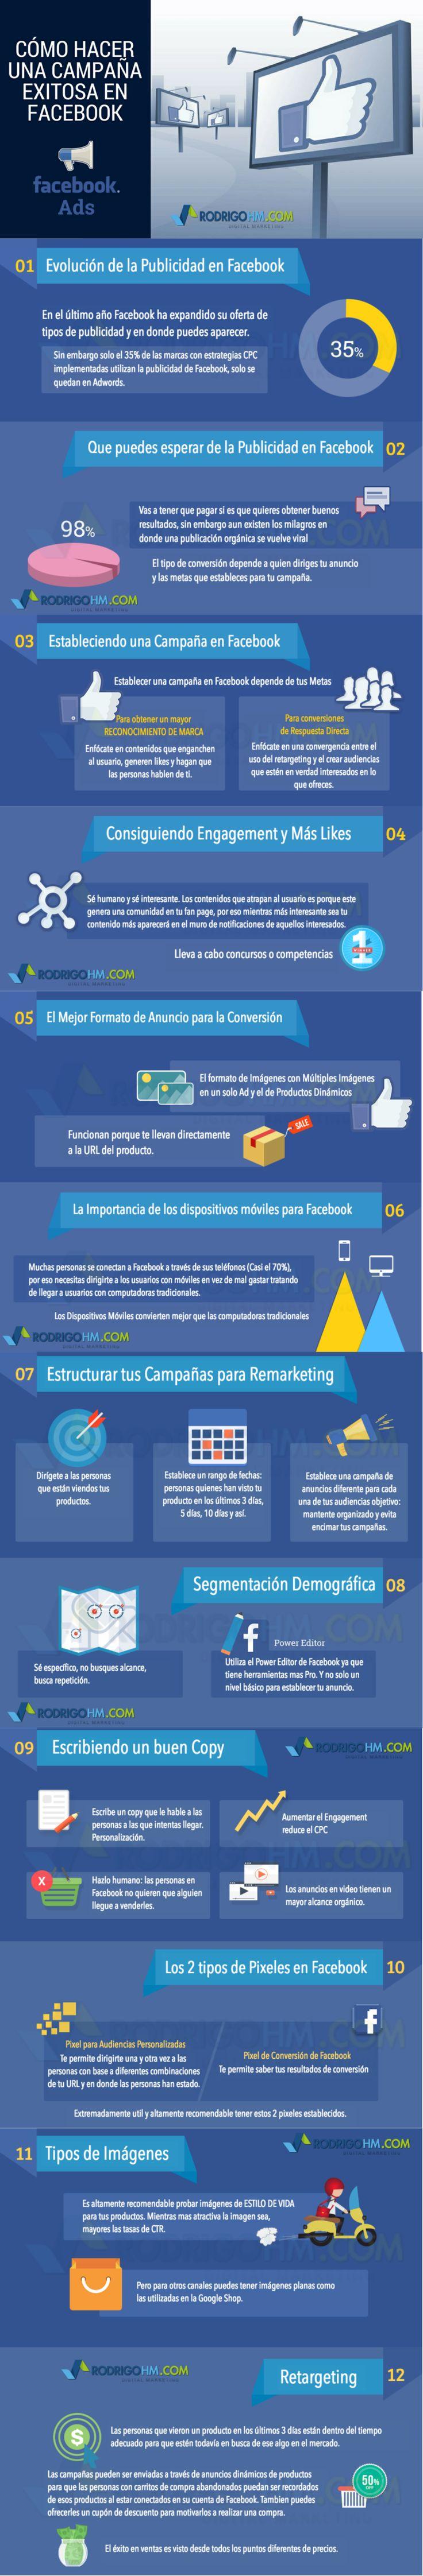 Cómo hacer una campaña de éxito en Facebook #infografia